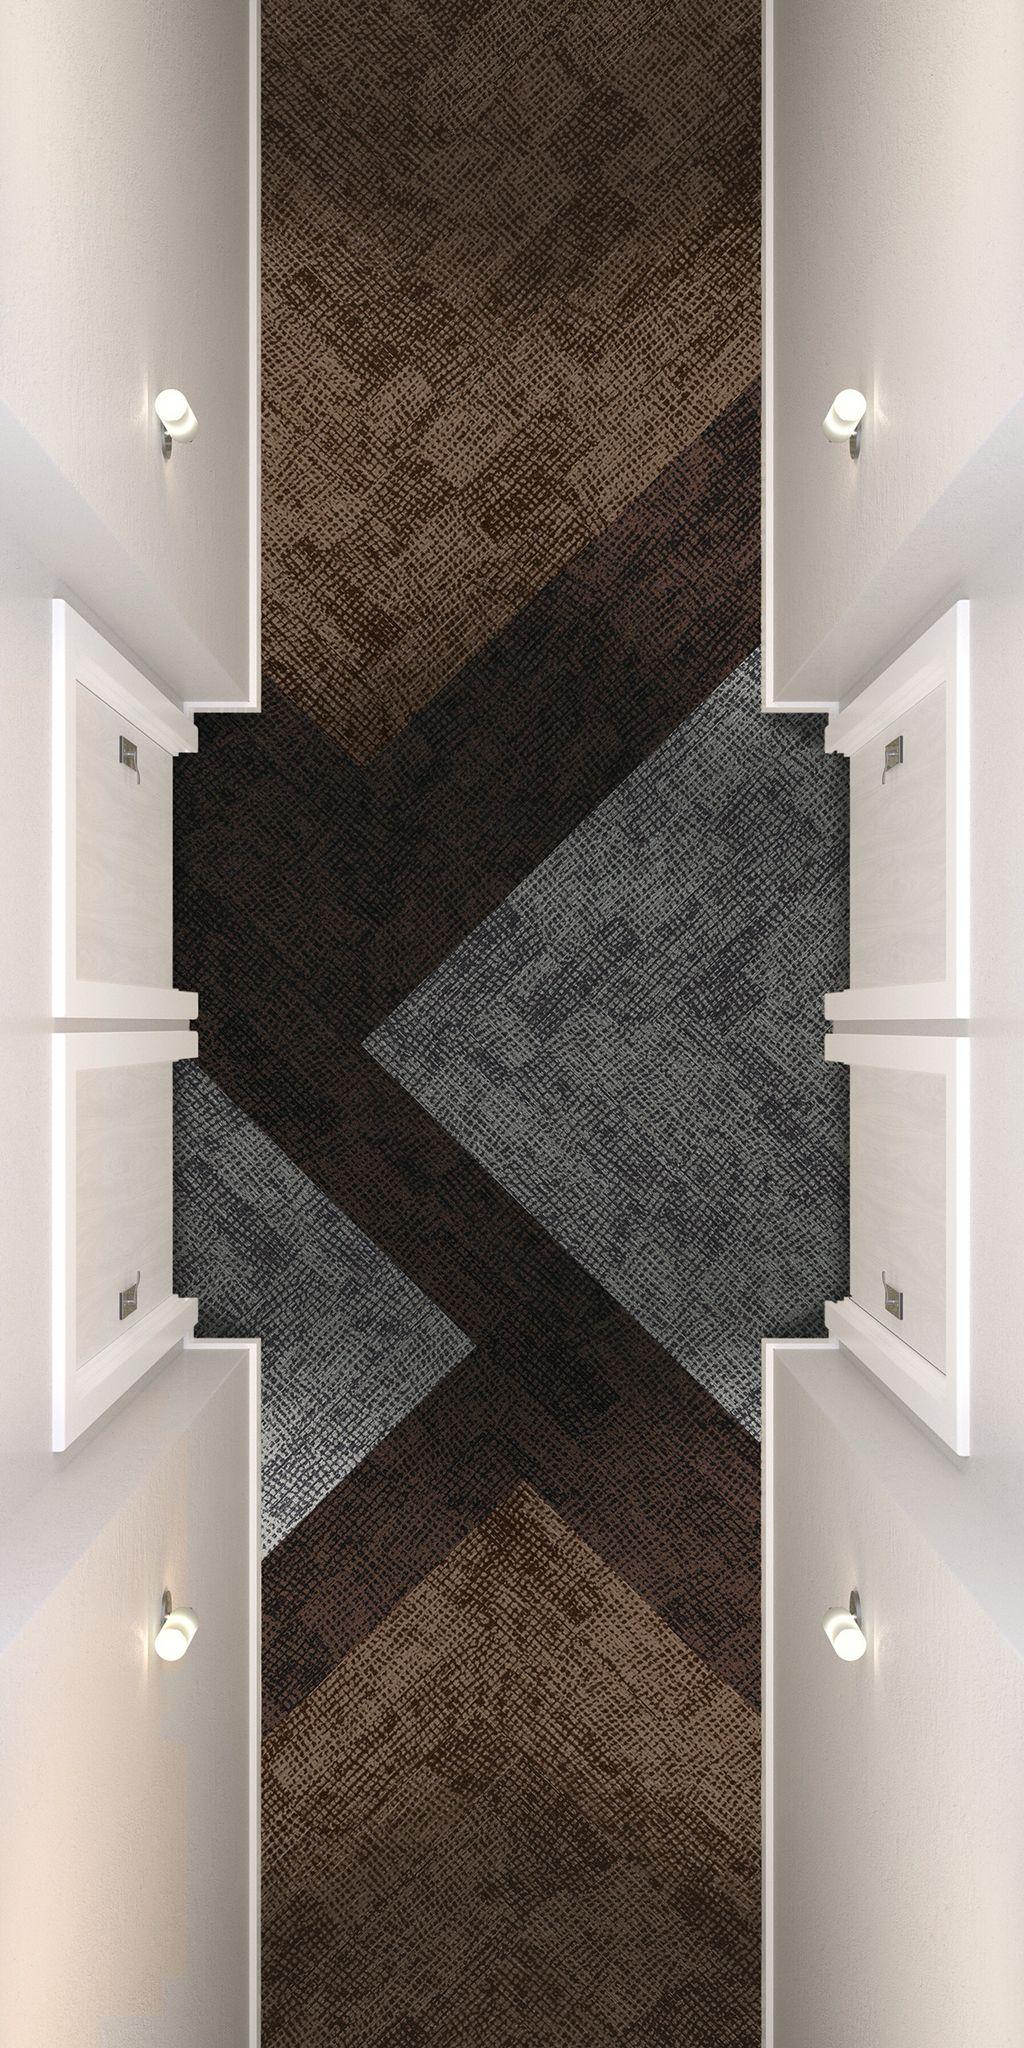 Corridor Hallway Door Drop Carpet Tiles Design Patterned